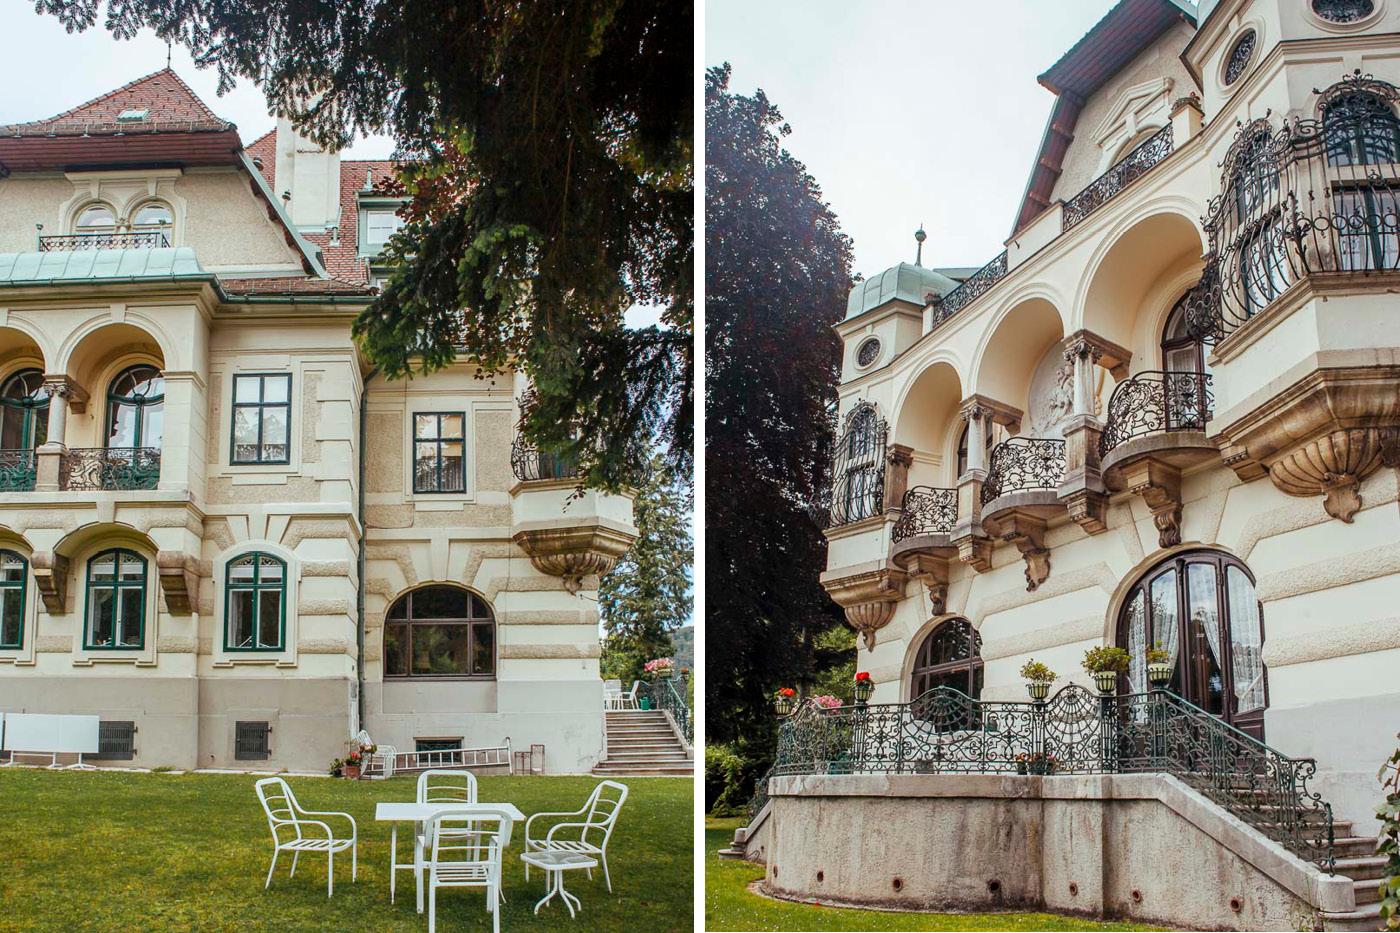 Hochzeitsfotografin-Wien-Herkner-2